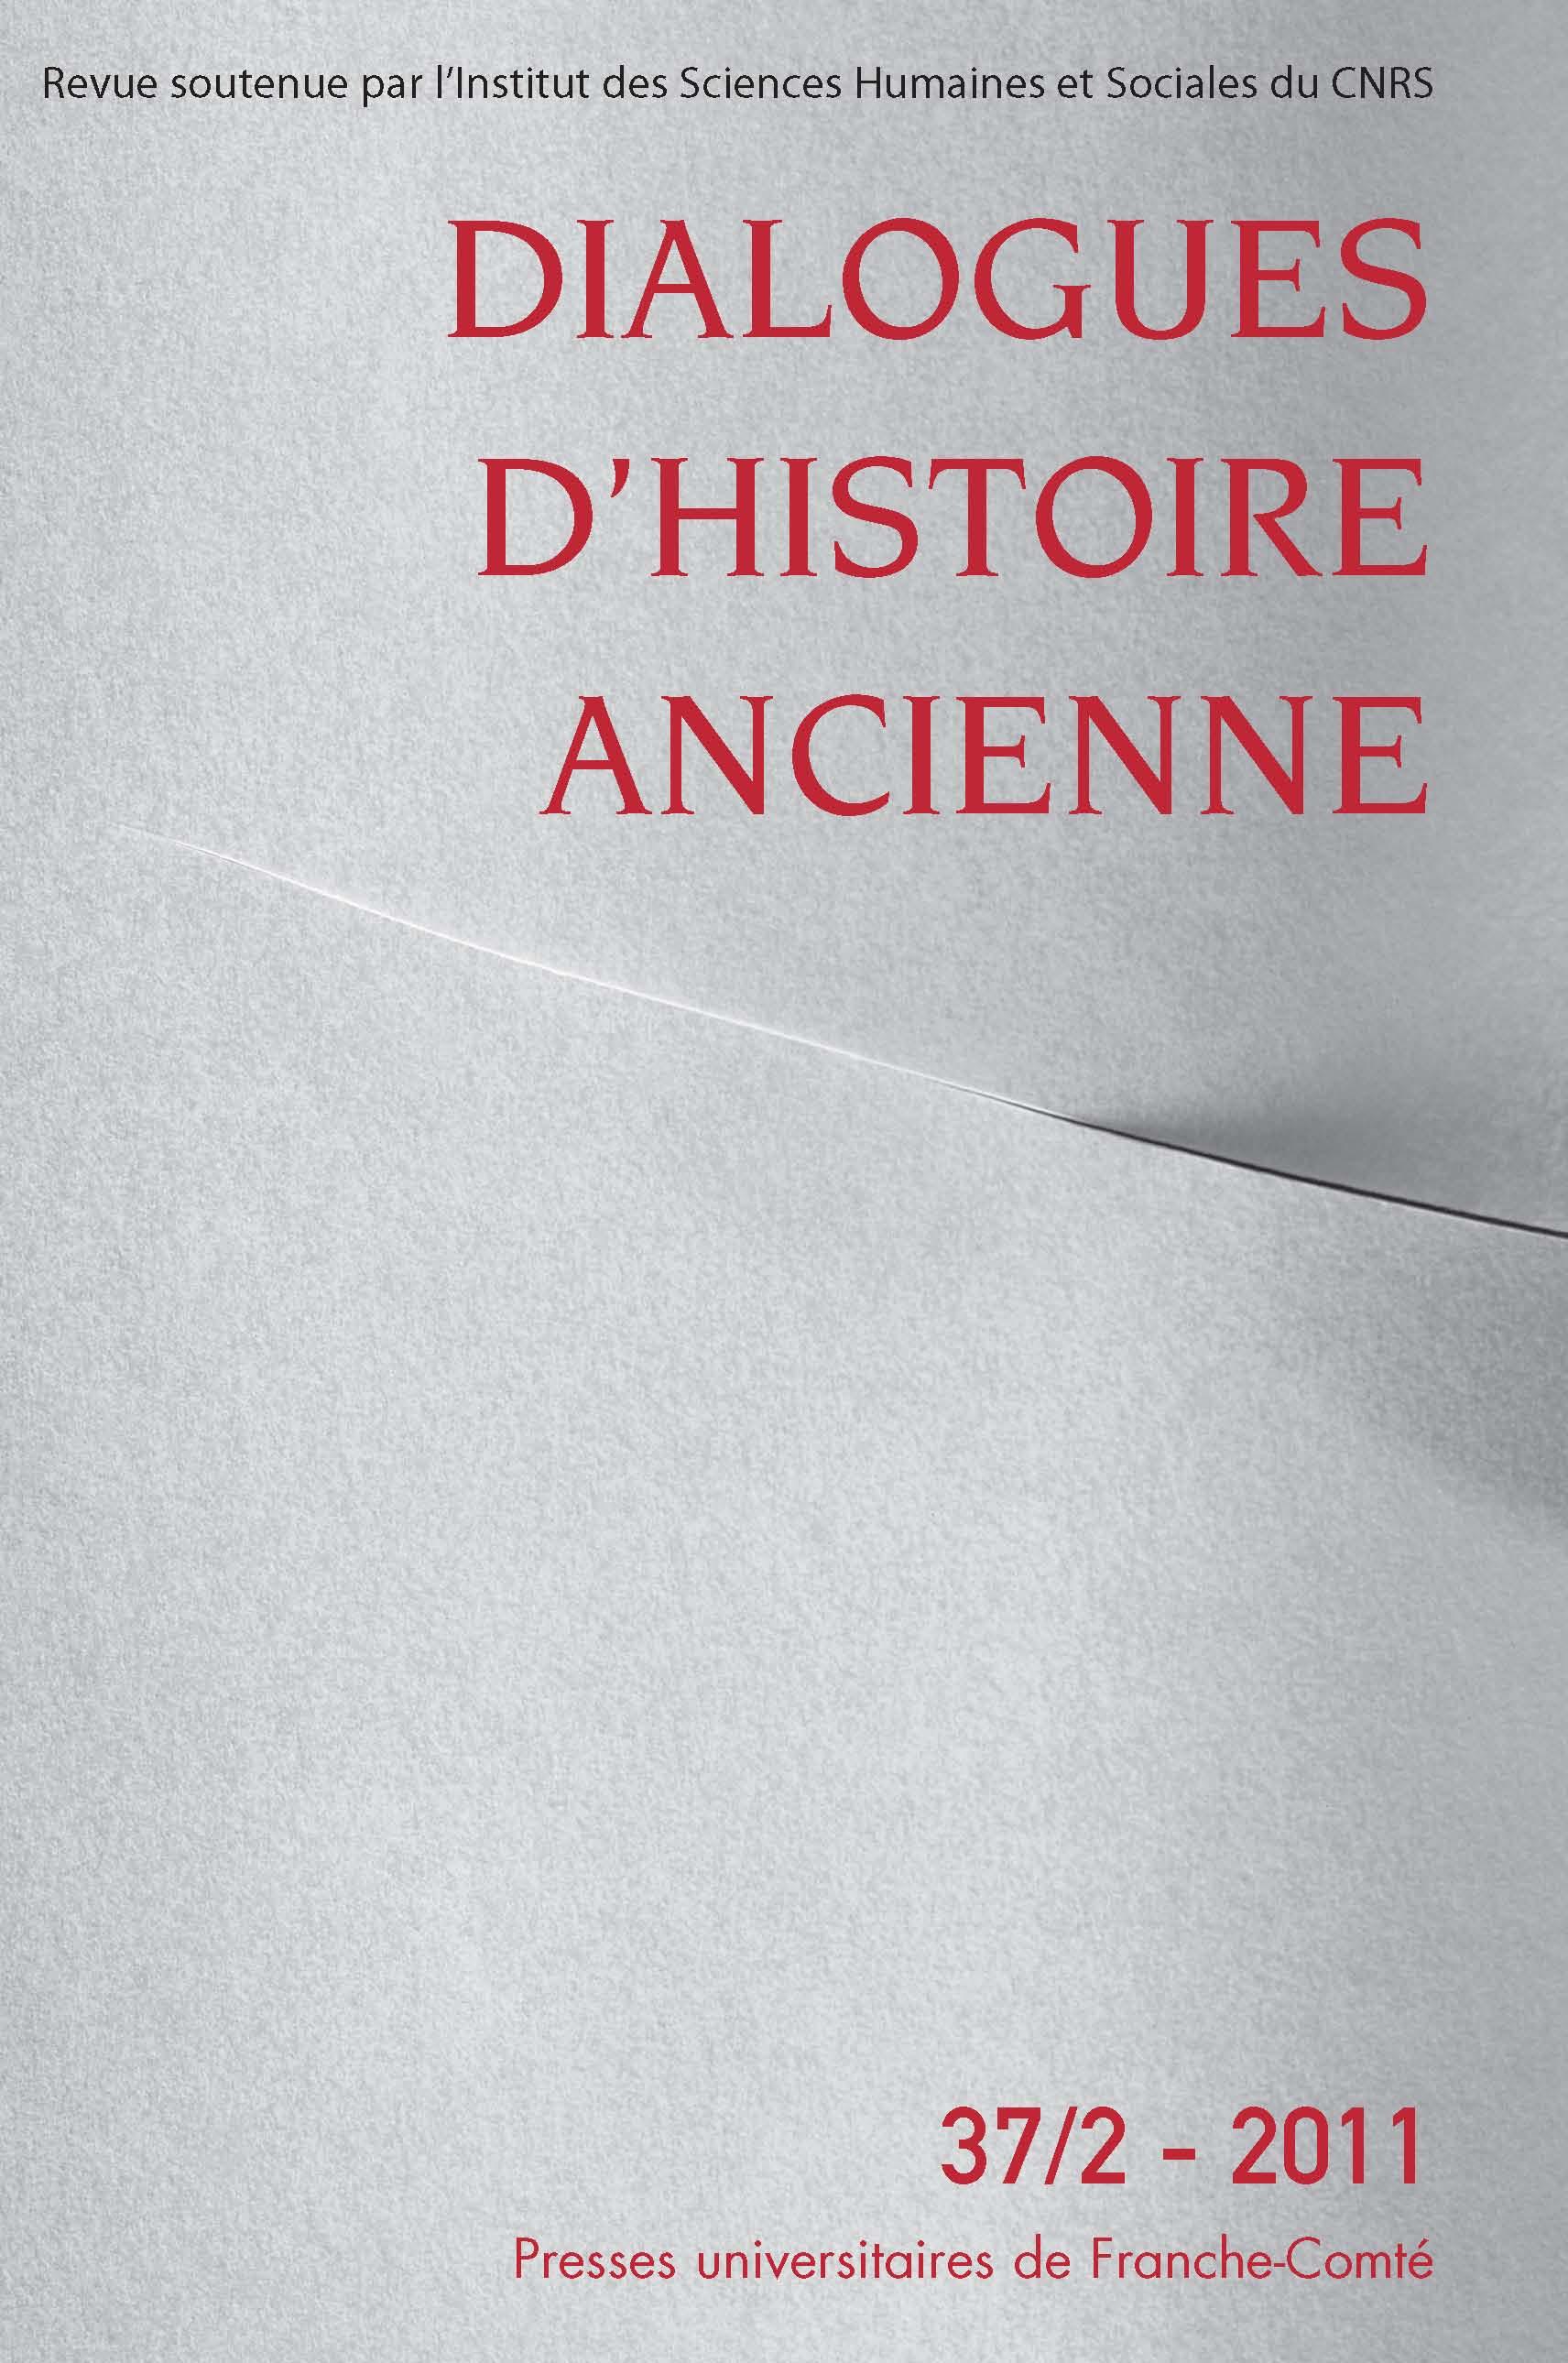 Como Se Escribe 91 En Numeros Romanos la historia de las mujeres y la historia antigua en españa